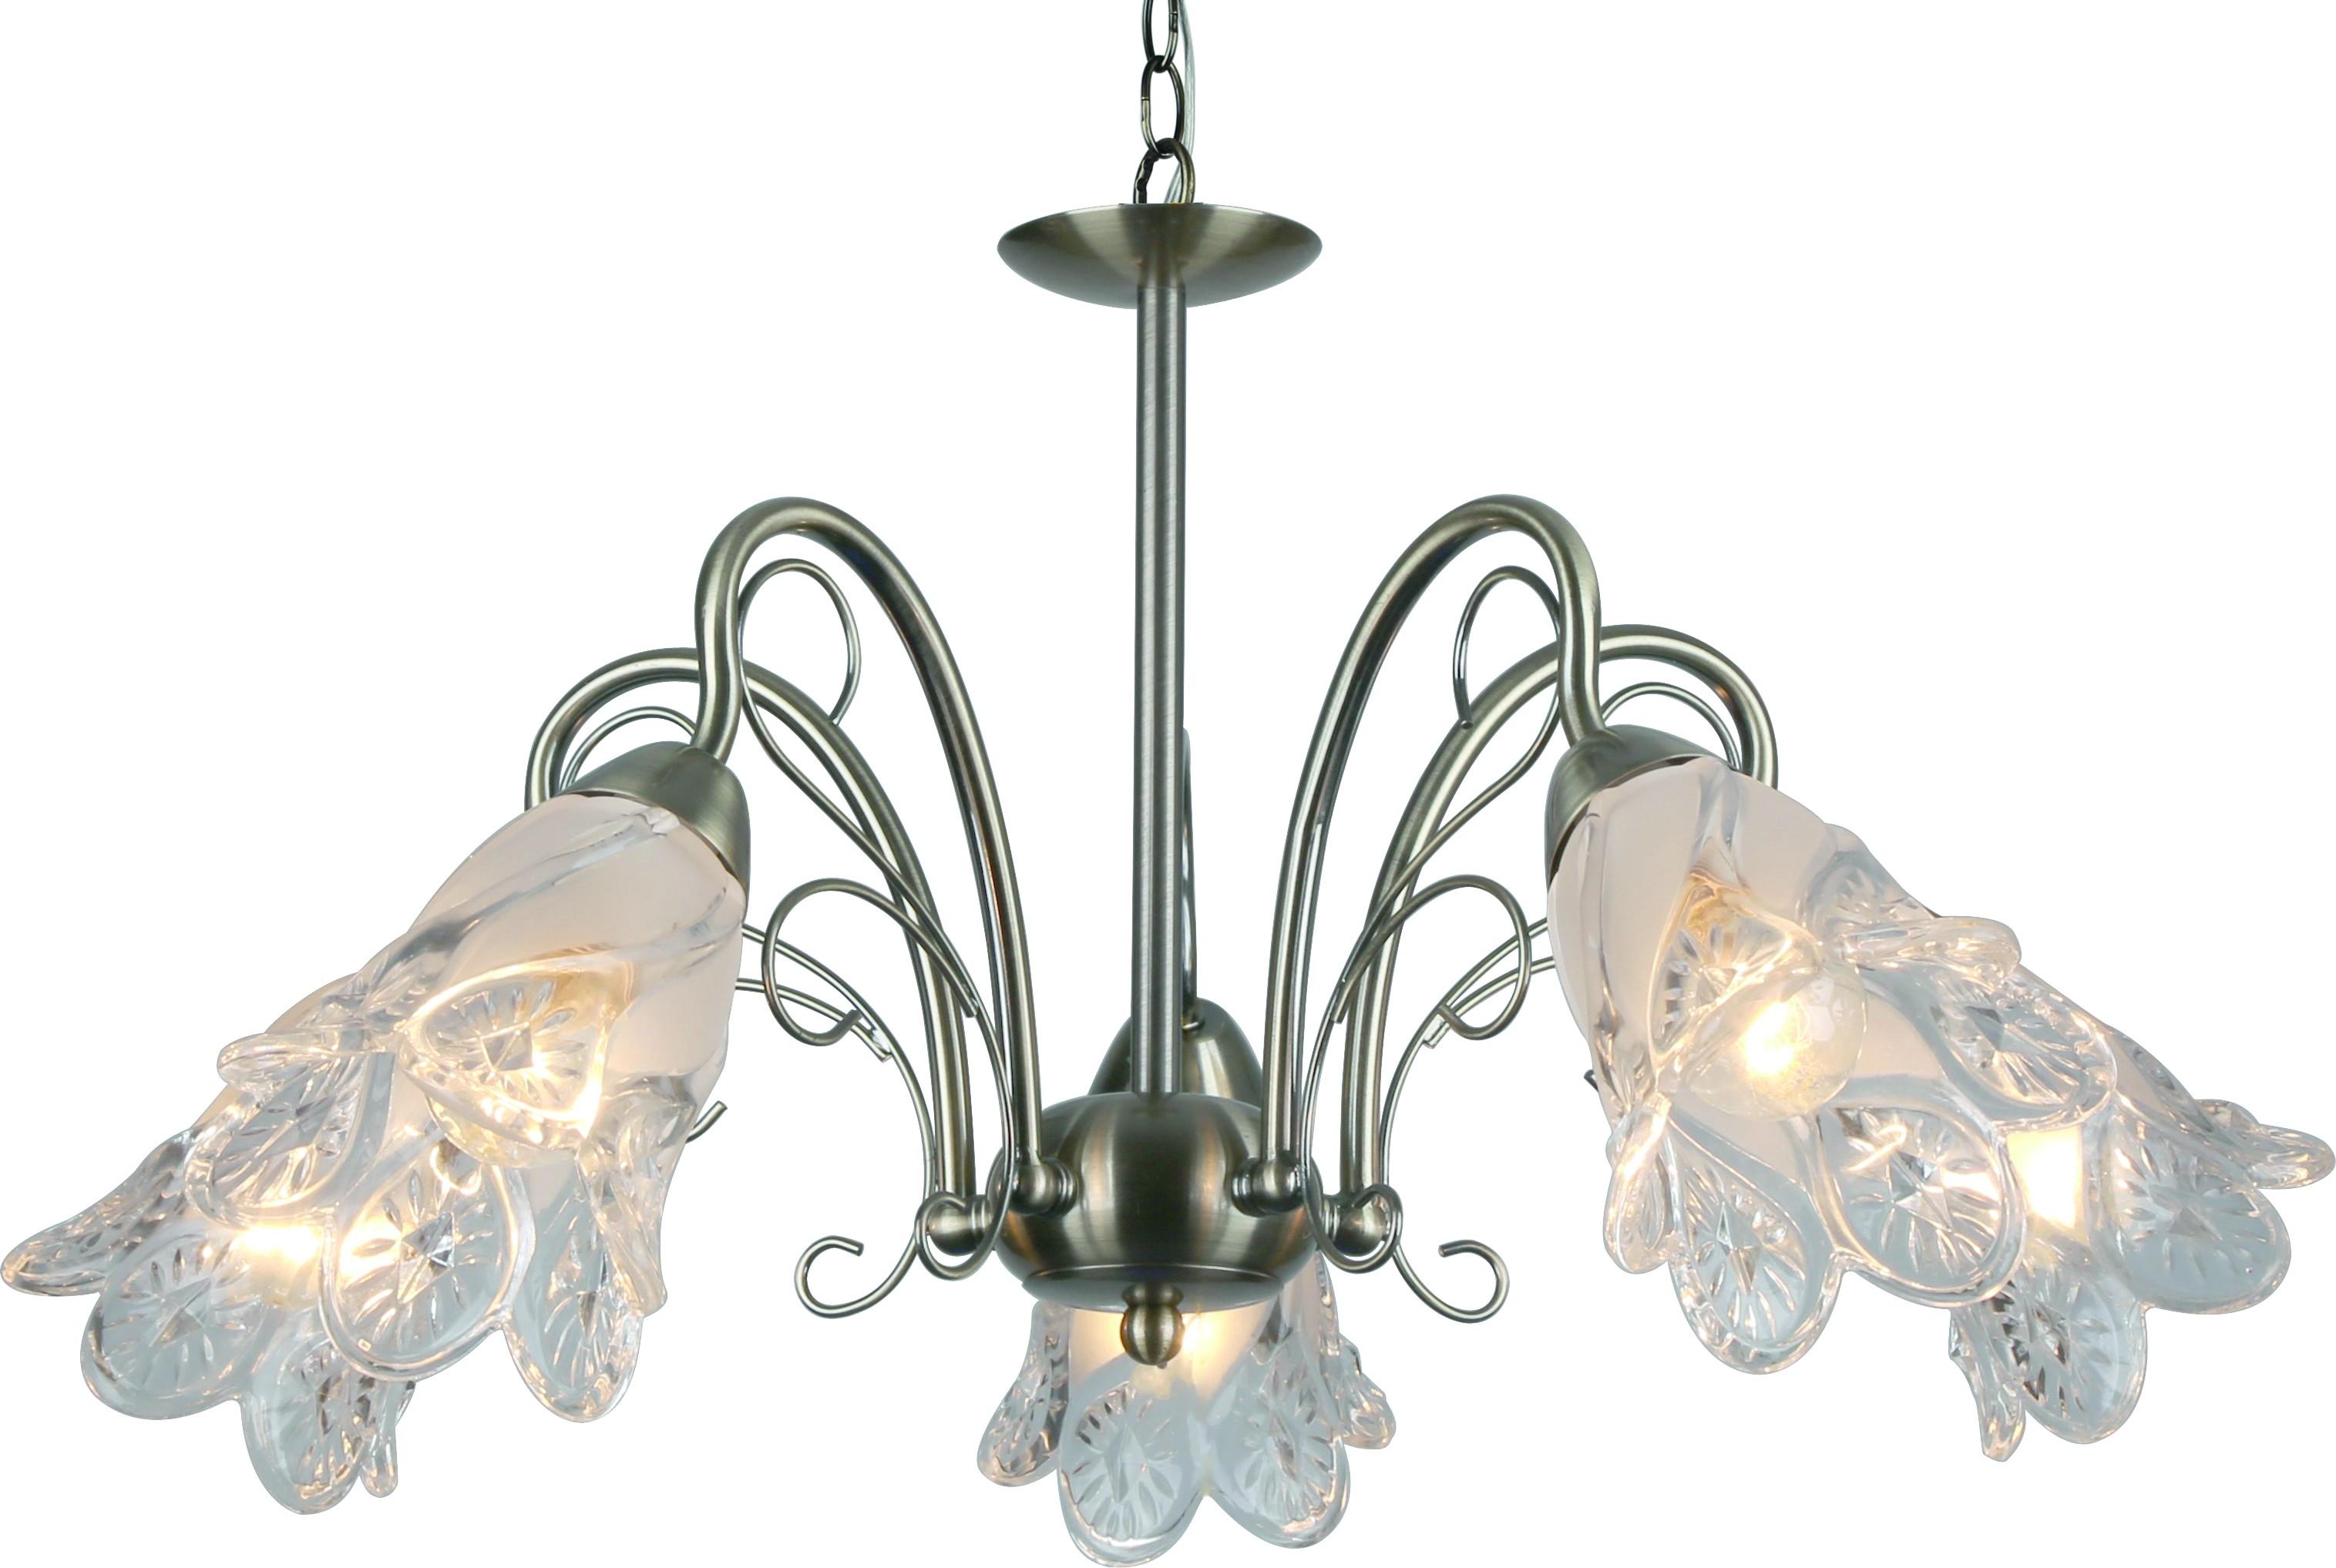 Люстра Arte lamp A6273lm-5ab arte lamp люстра arte lamp a7556pl 5ab